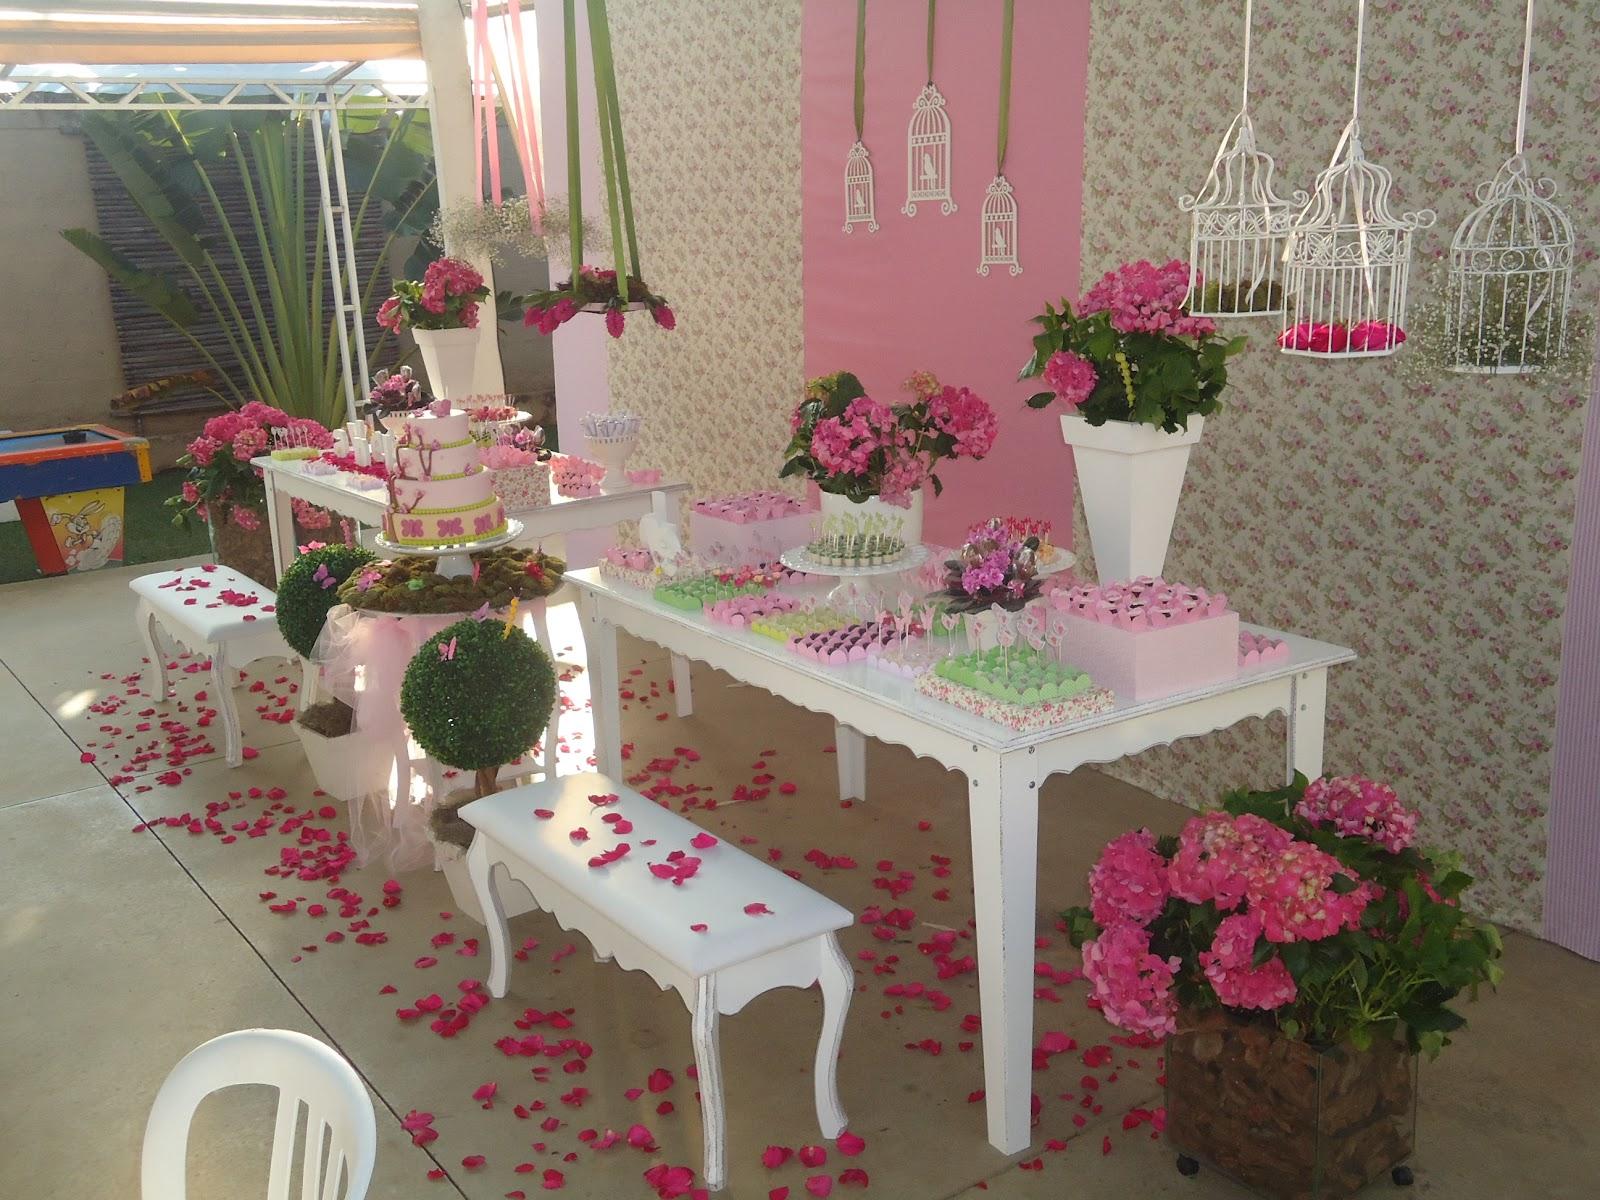 decoracao festa jardim encantado provencal:Tema De Festa Provencal Jardim Infantil